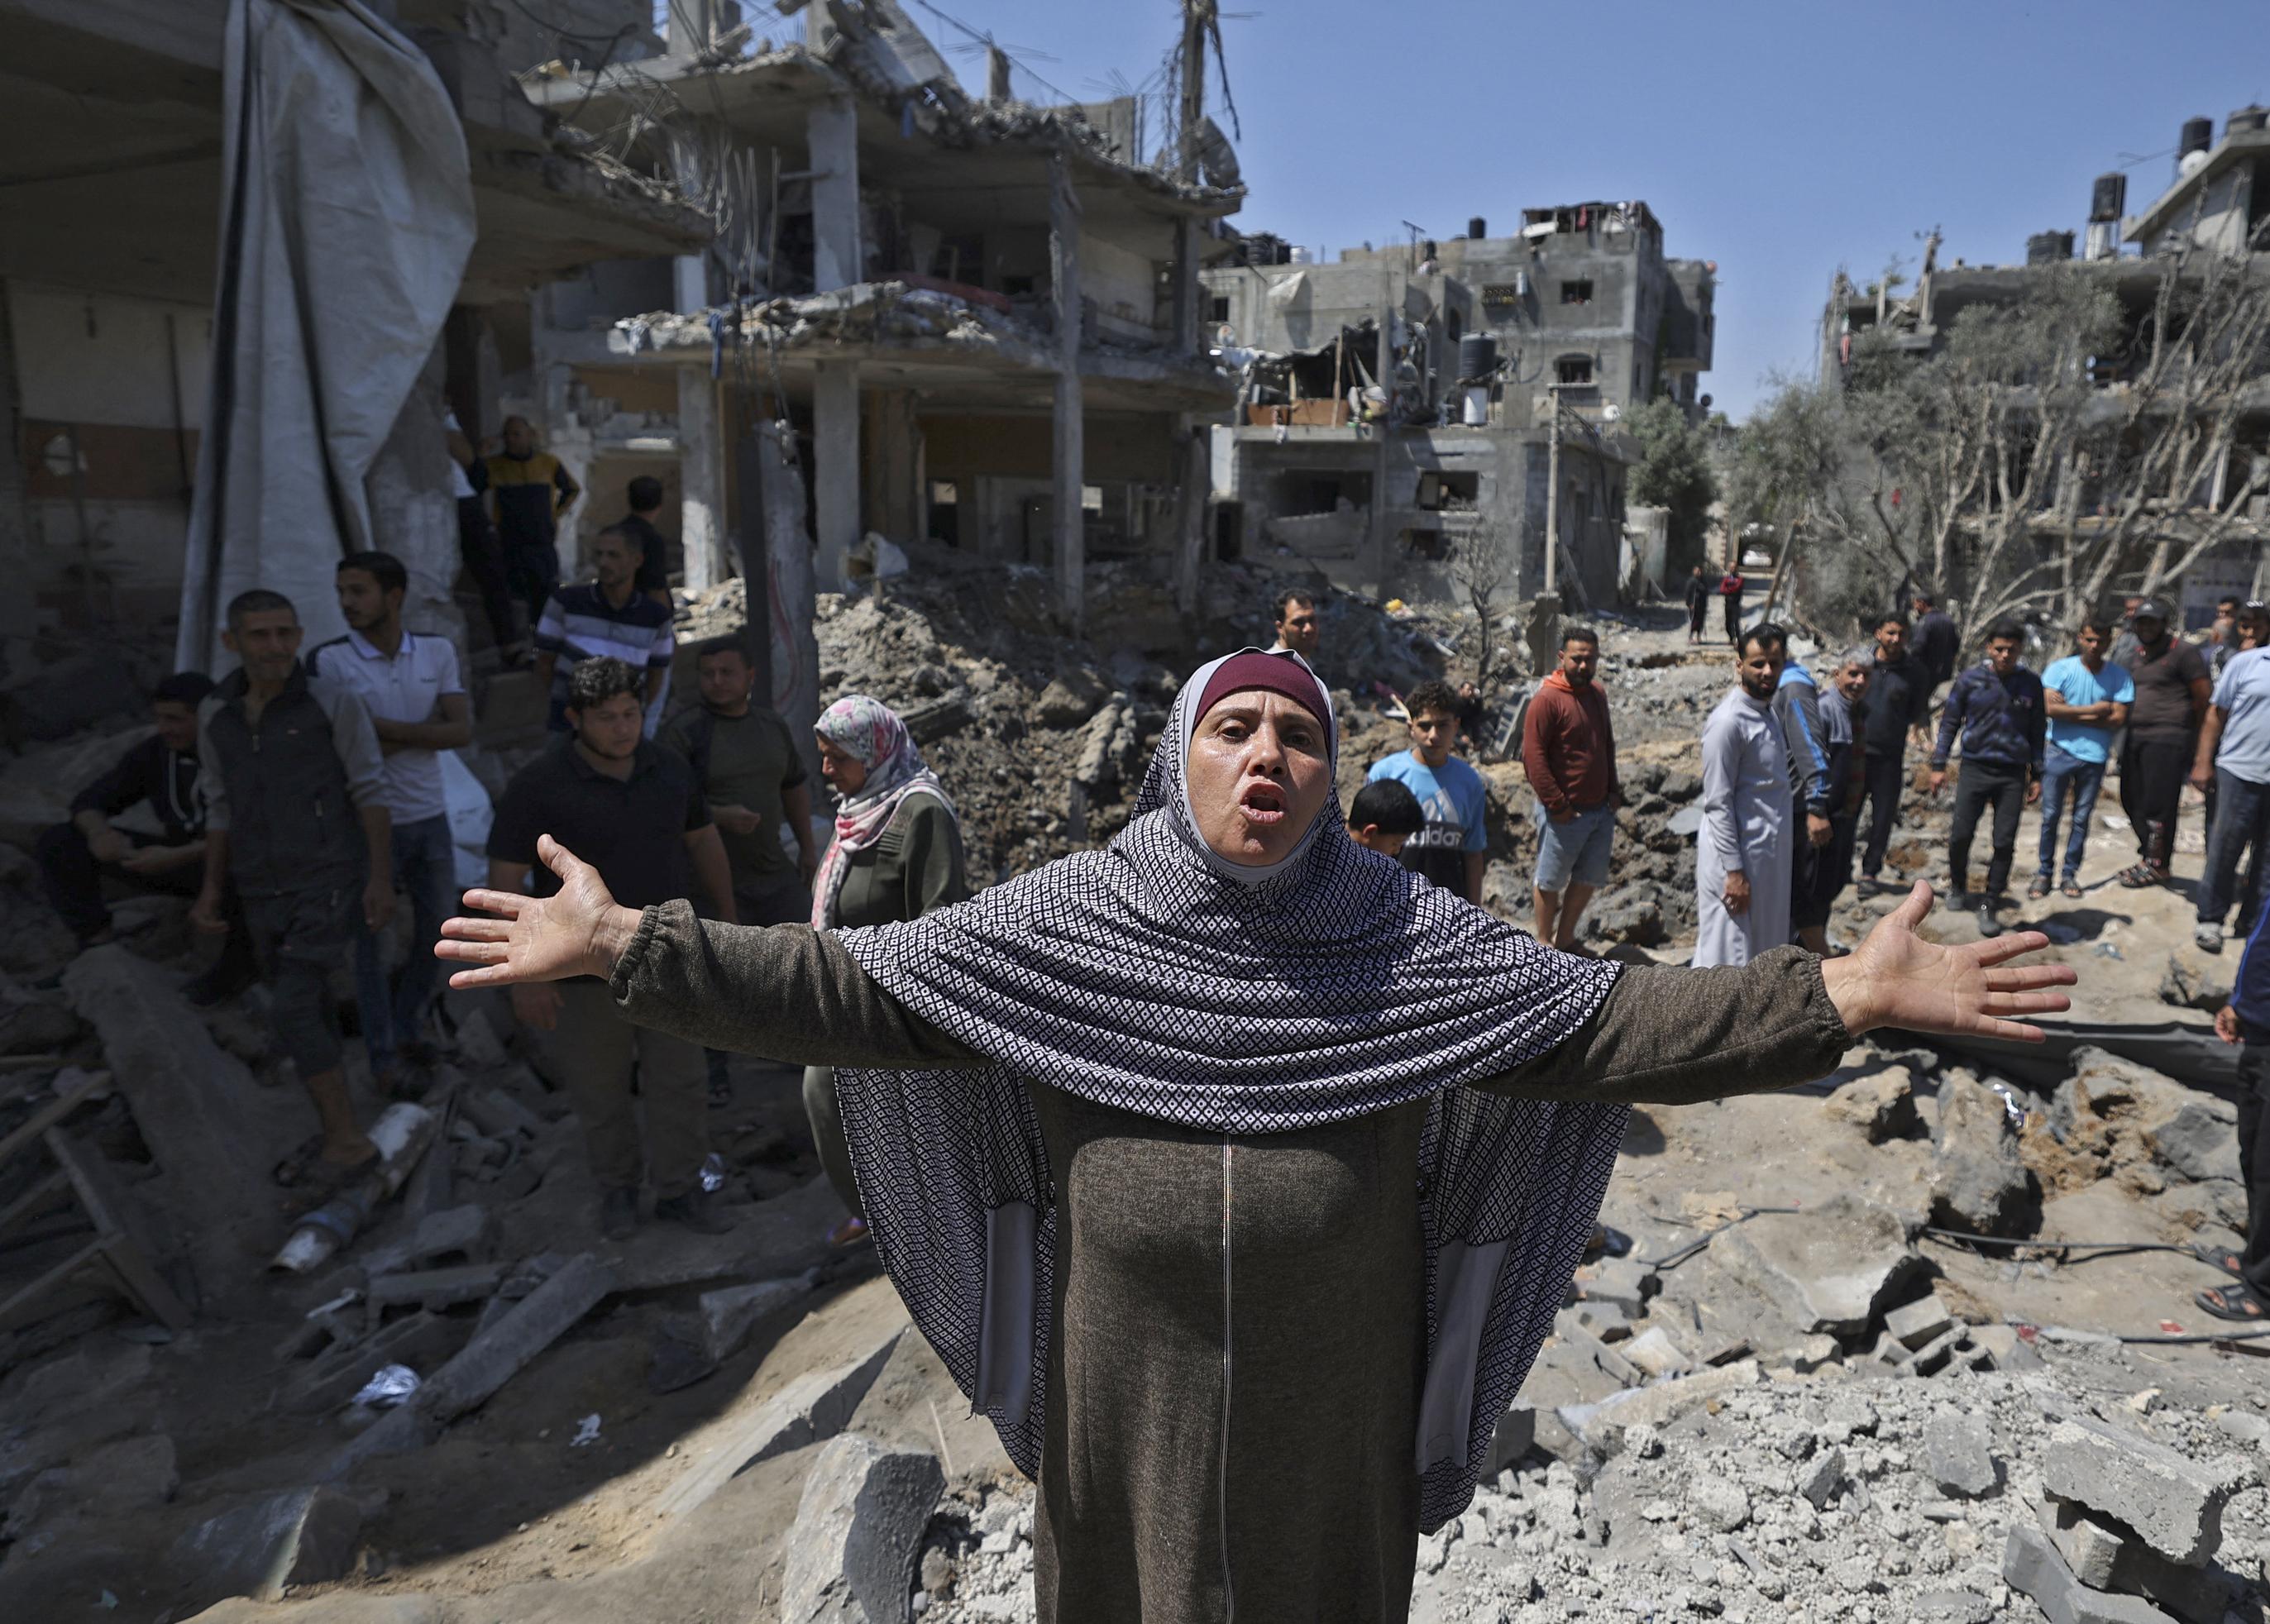 Izrael vadászgépekkel, ágyúkkal és tankokkal lőtte a Gázai övezetet